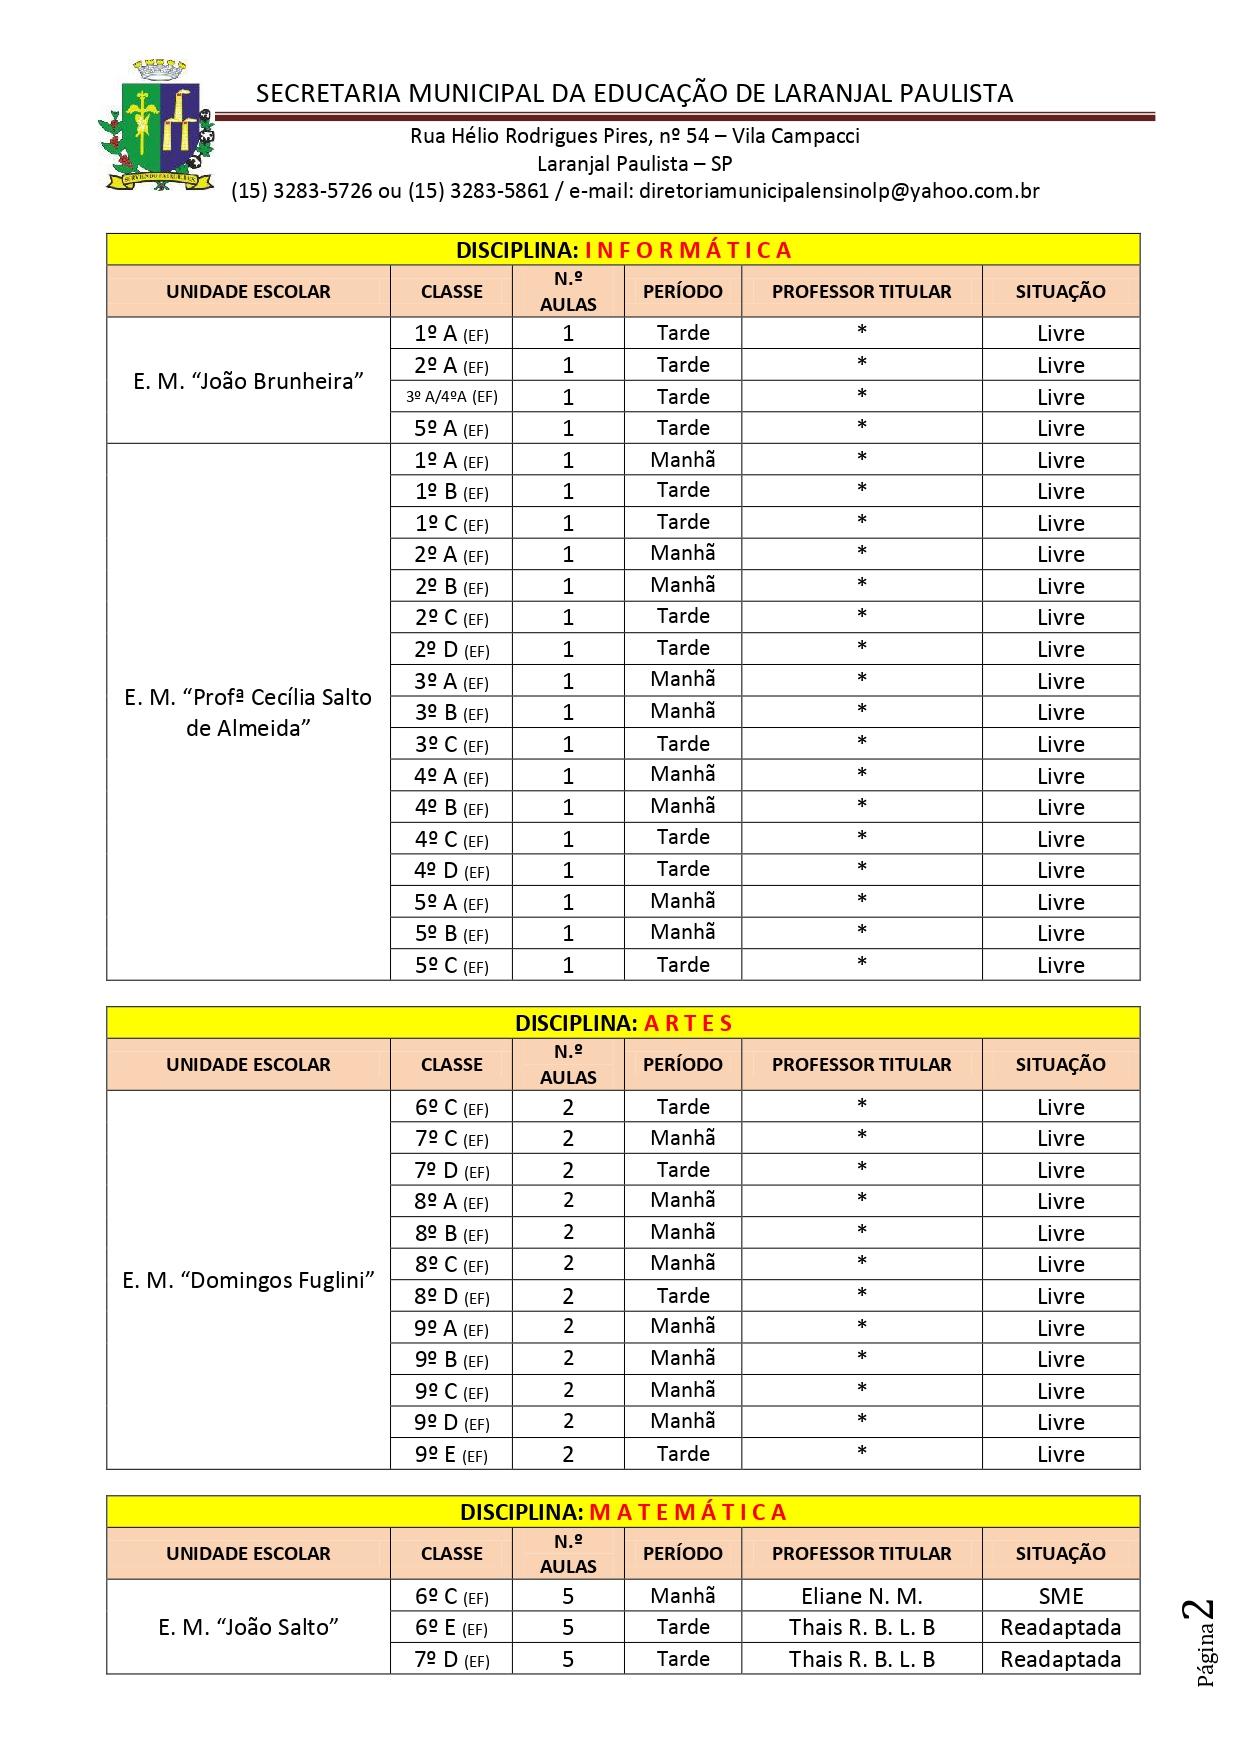 Atribuição de classes/aulas excedentes fase durante o ano letivo nº 001/2021